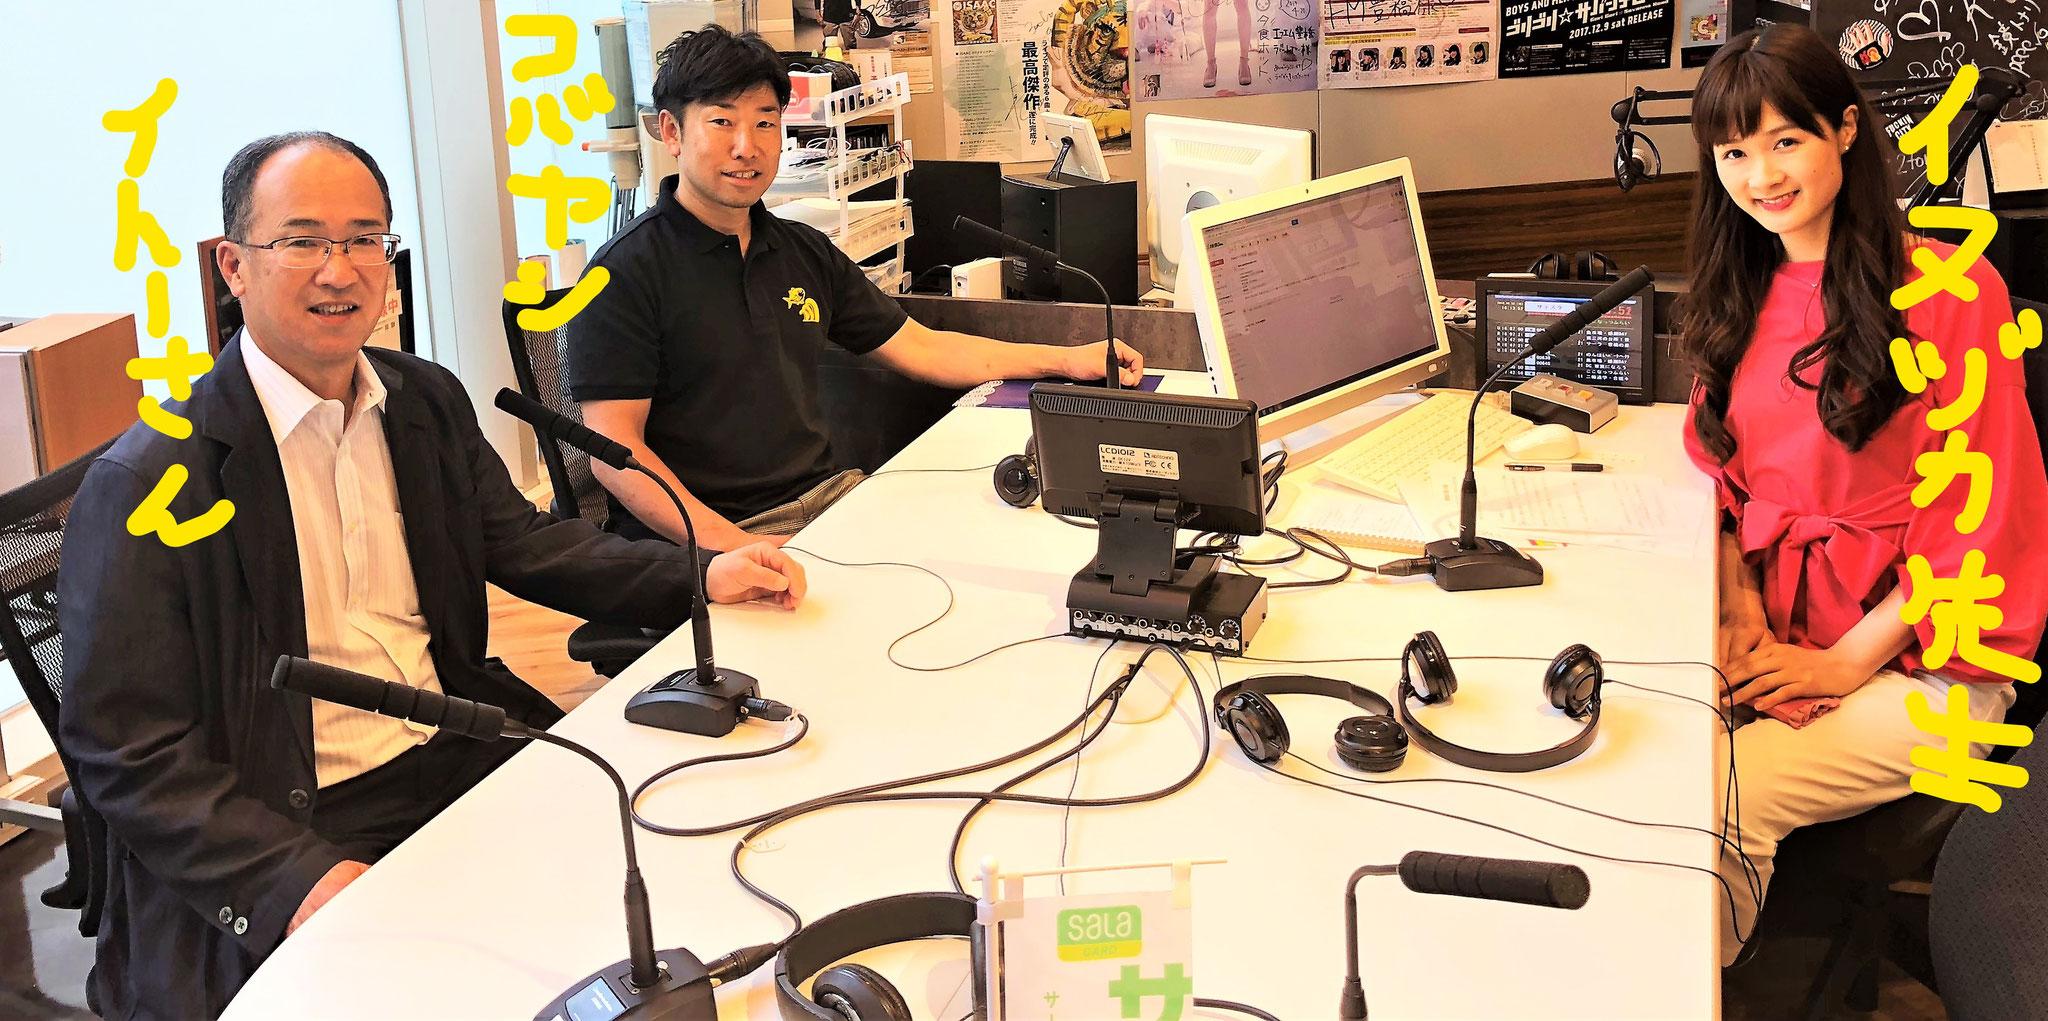 初回放送 犬塚志乃さん、魚市場伊藤社長、小林